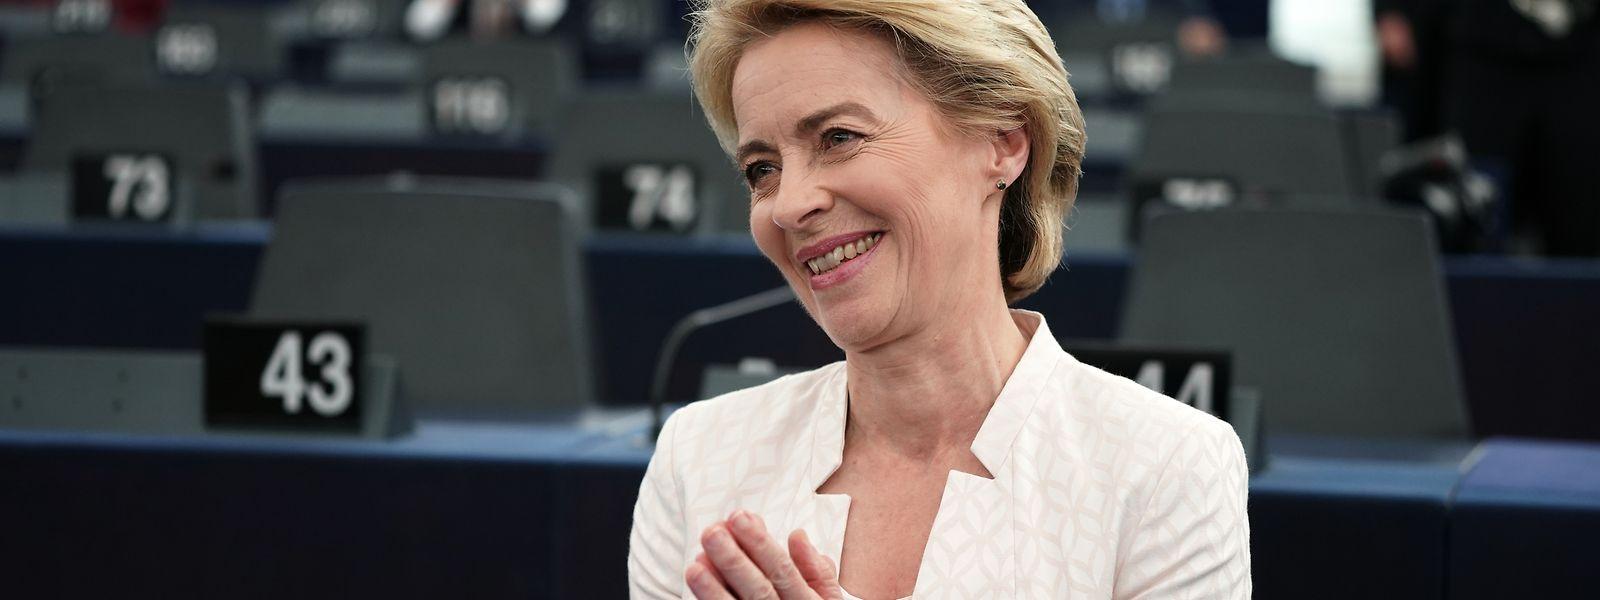 Knapp gewählt: Ursula von der Leyen